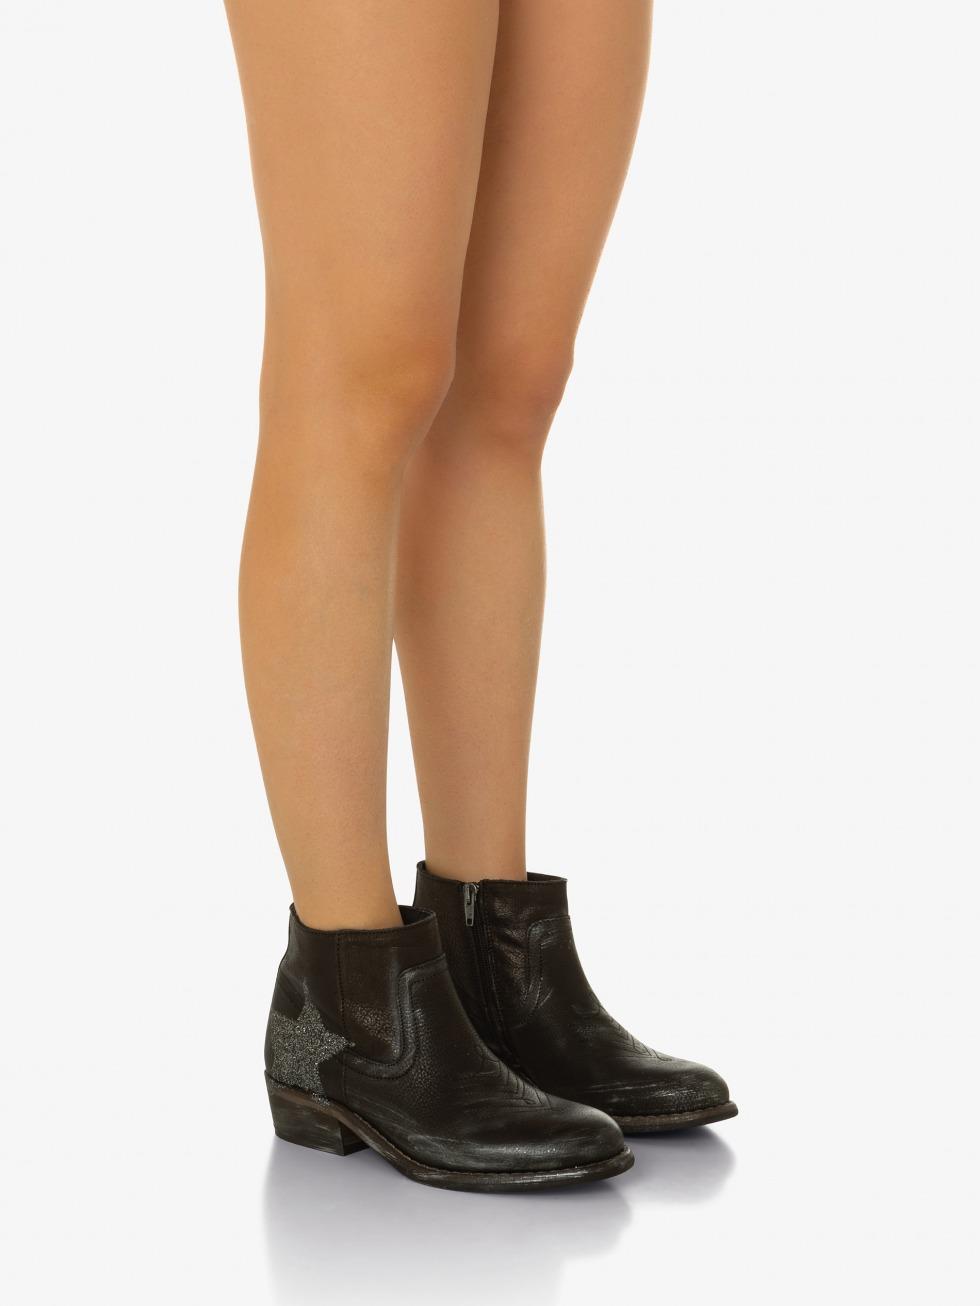 Mojito Boots Sparkle Raven - Star